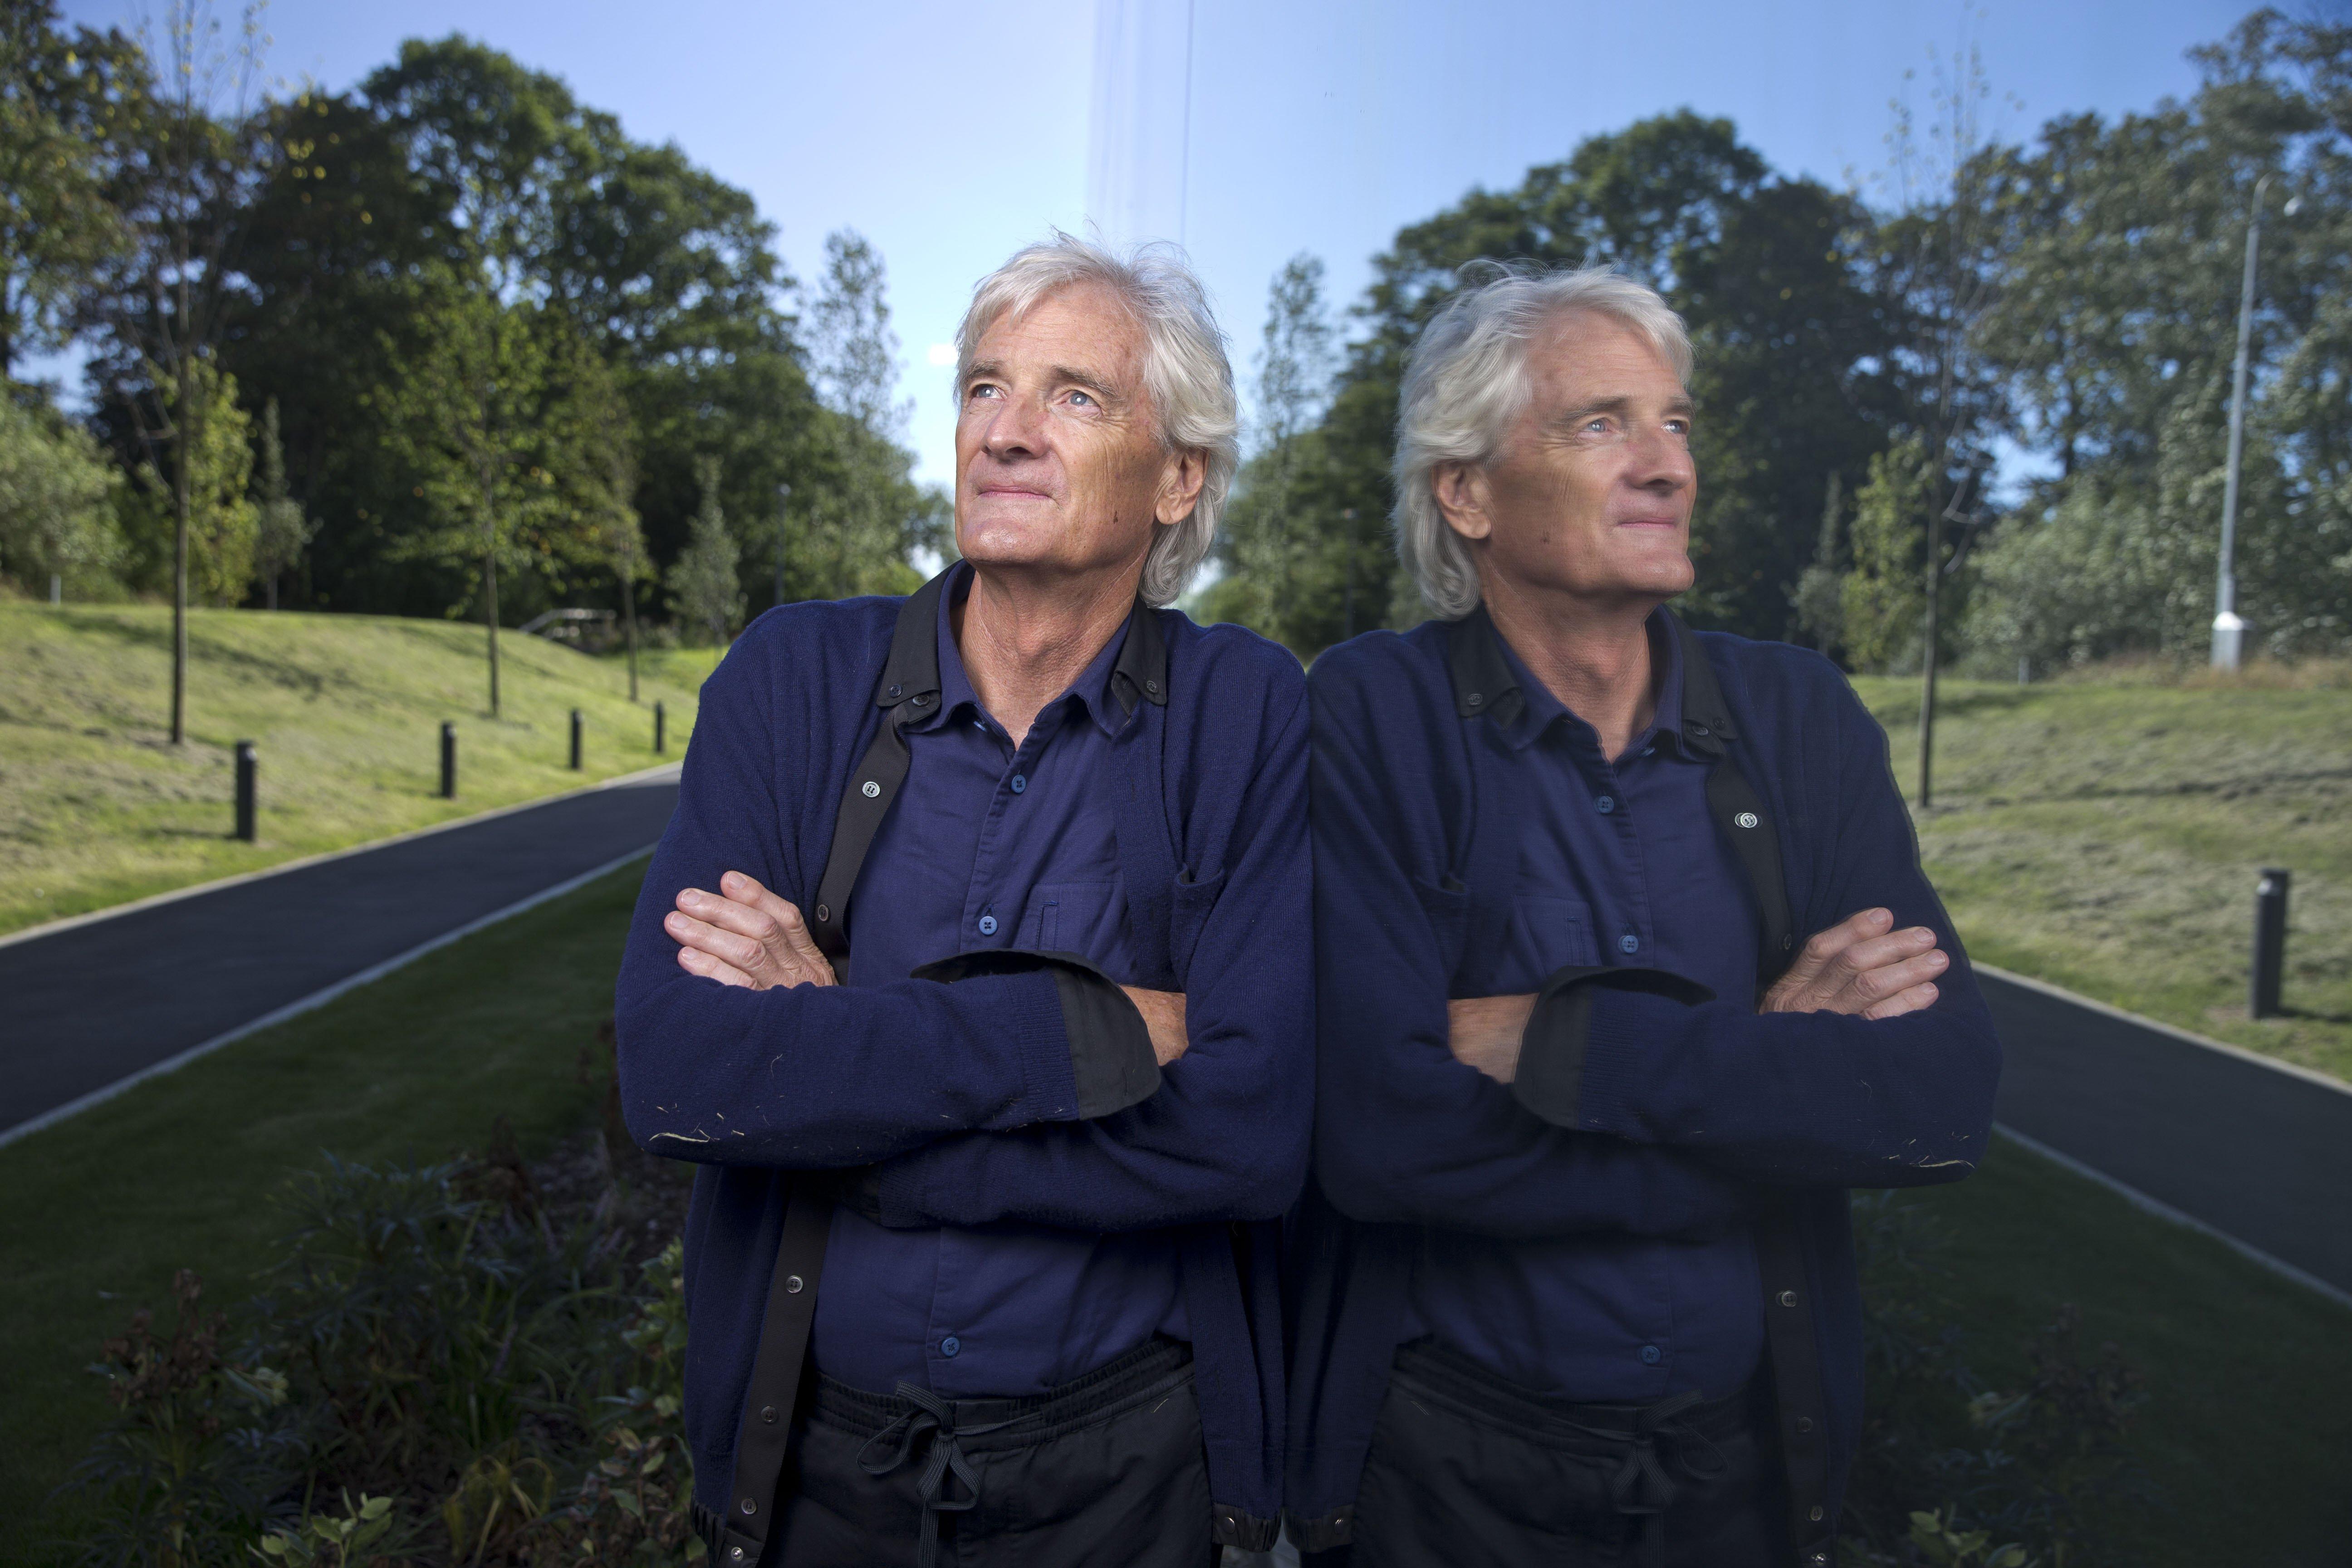 رائد أعمال ومخترع بريطاني يستثمر 2مليار جنيه استرليني لتطوير سيارة كهربائية